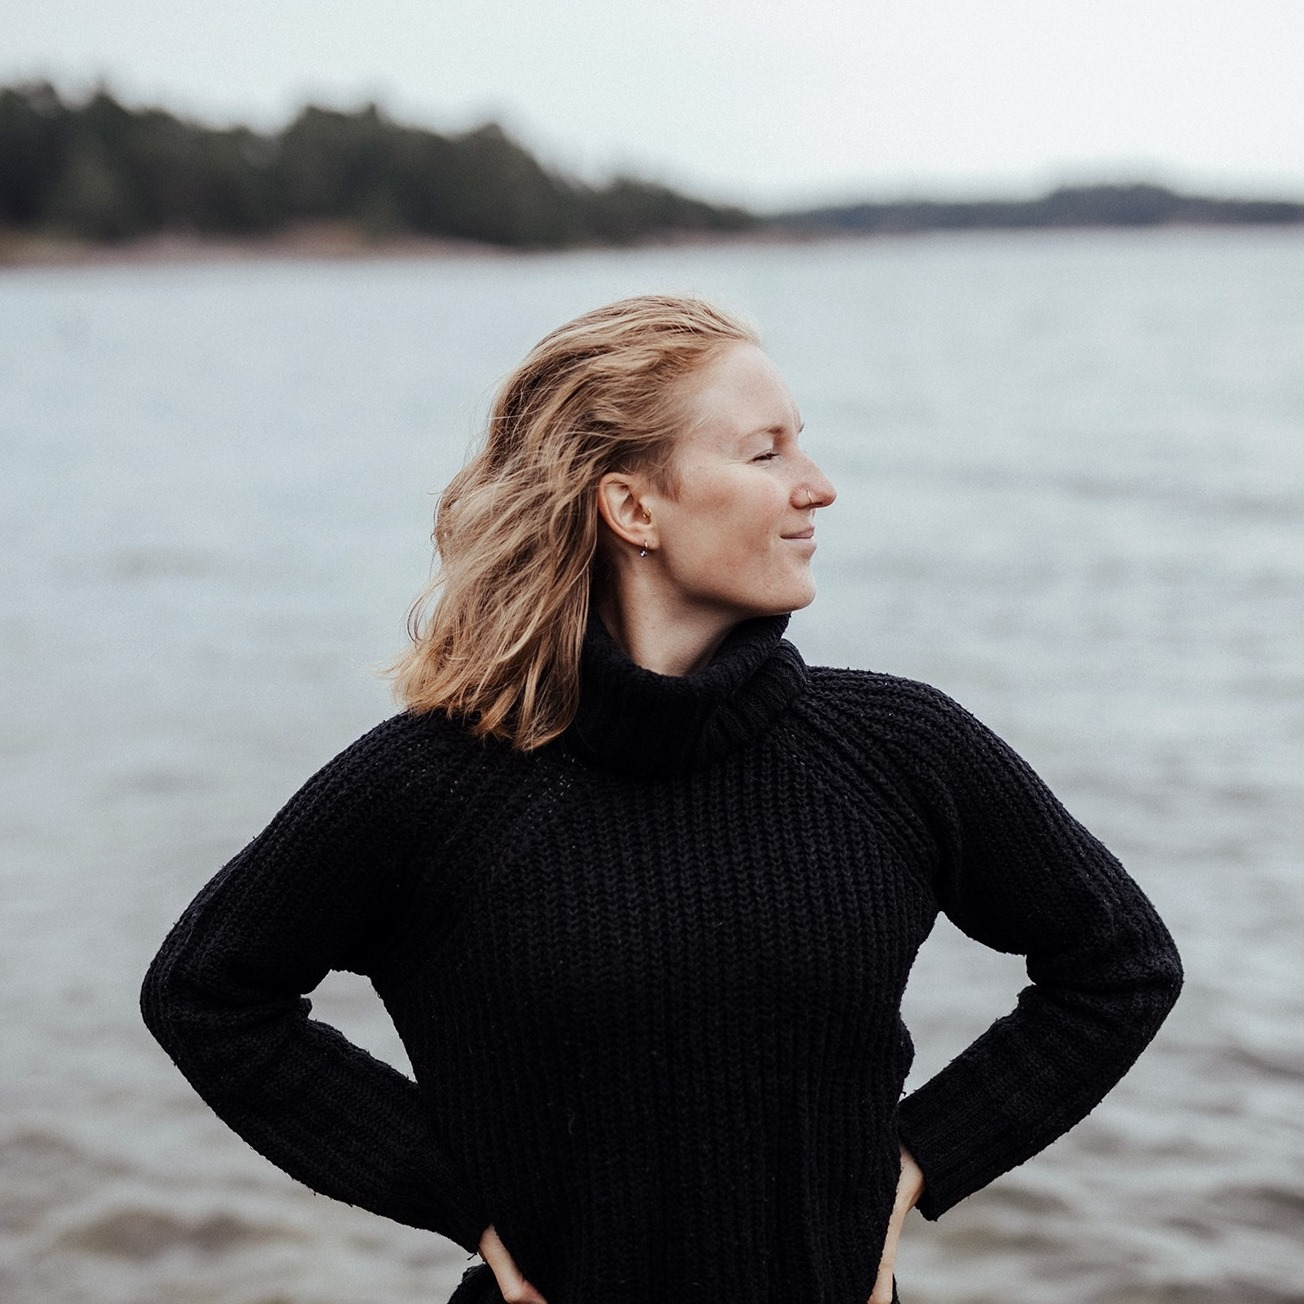 Erika Lindström @erikalindstromphoto